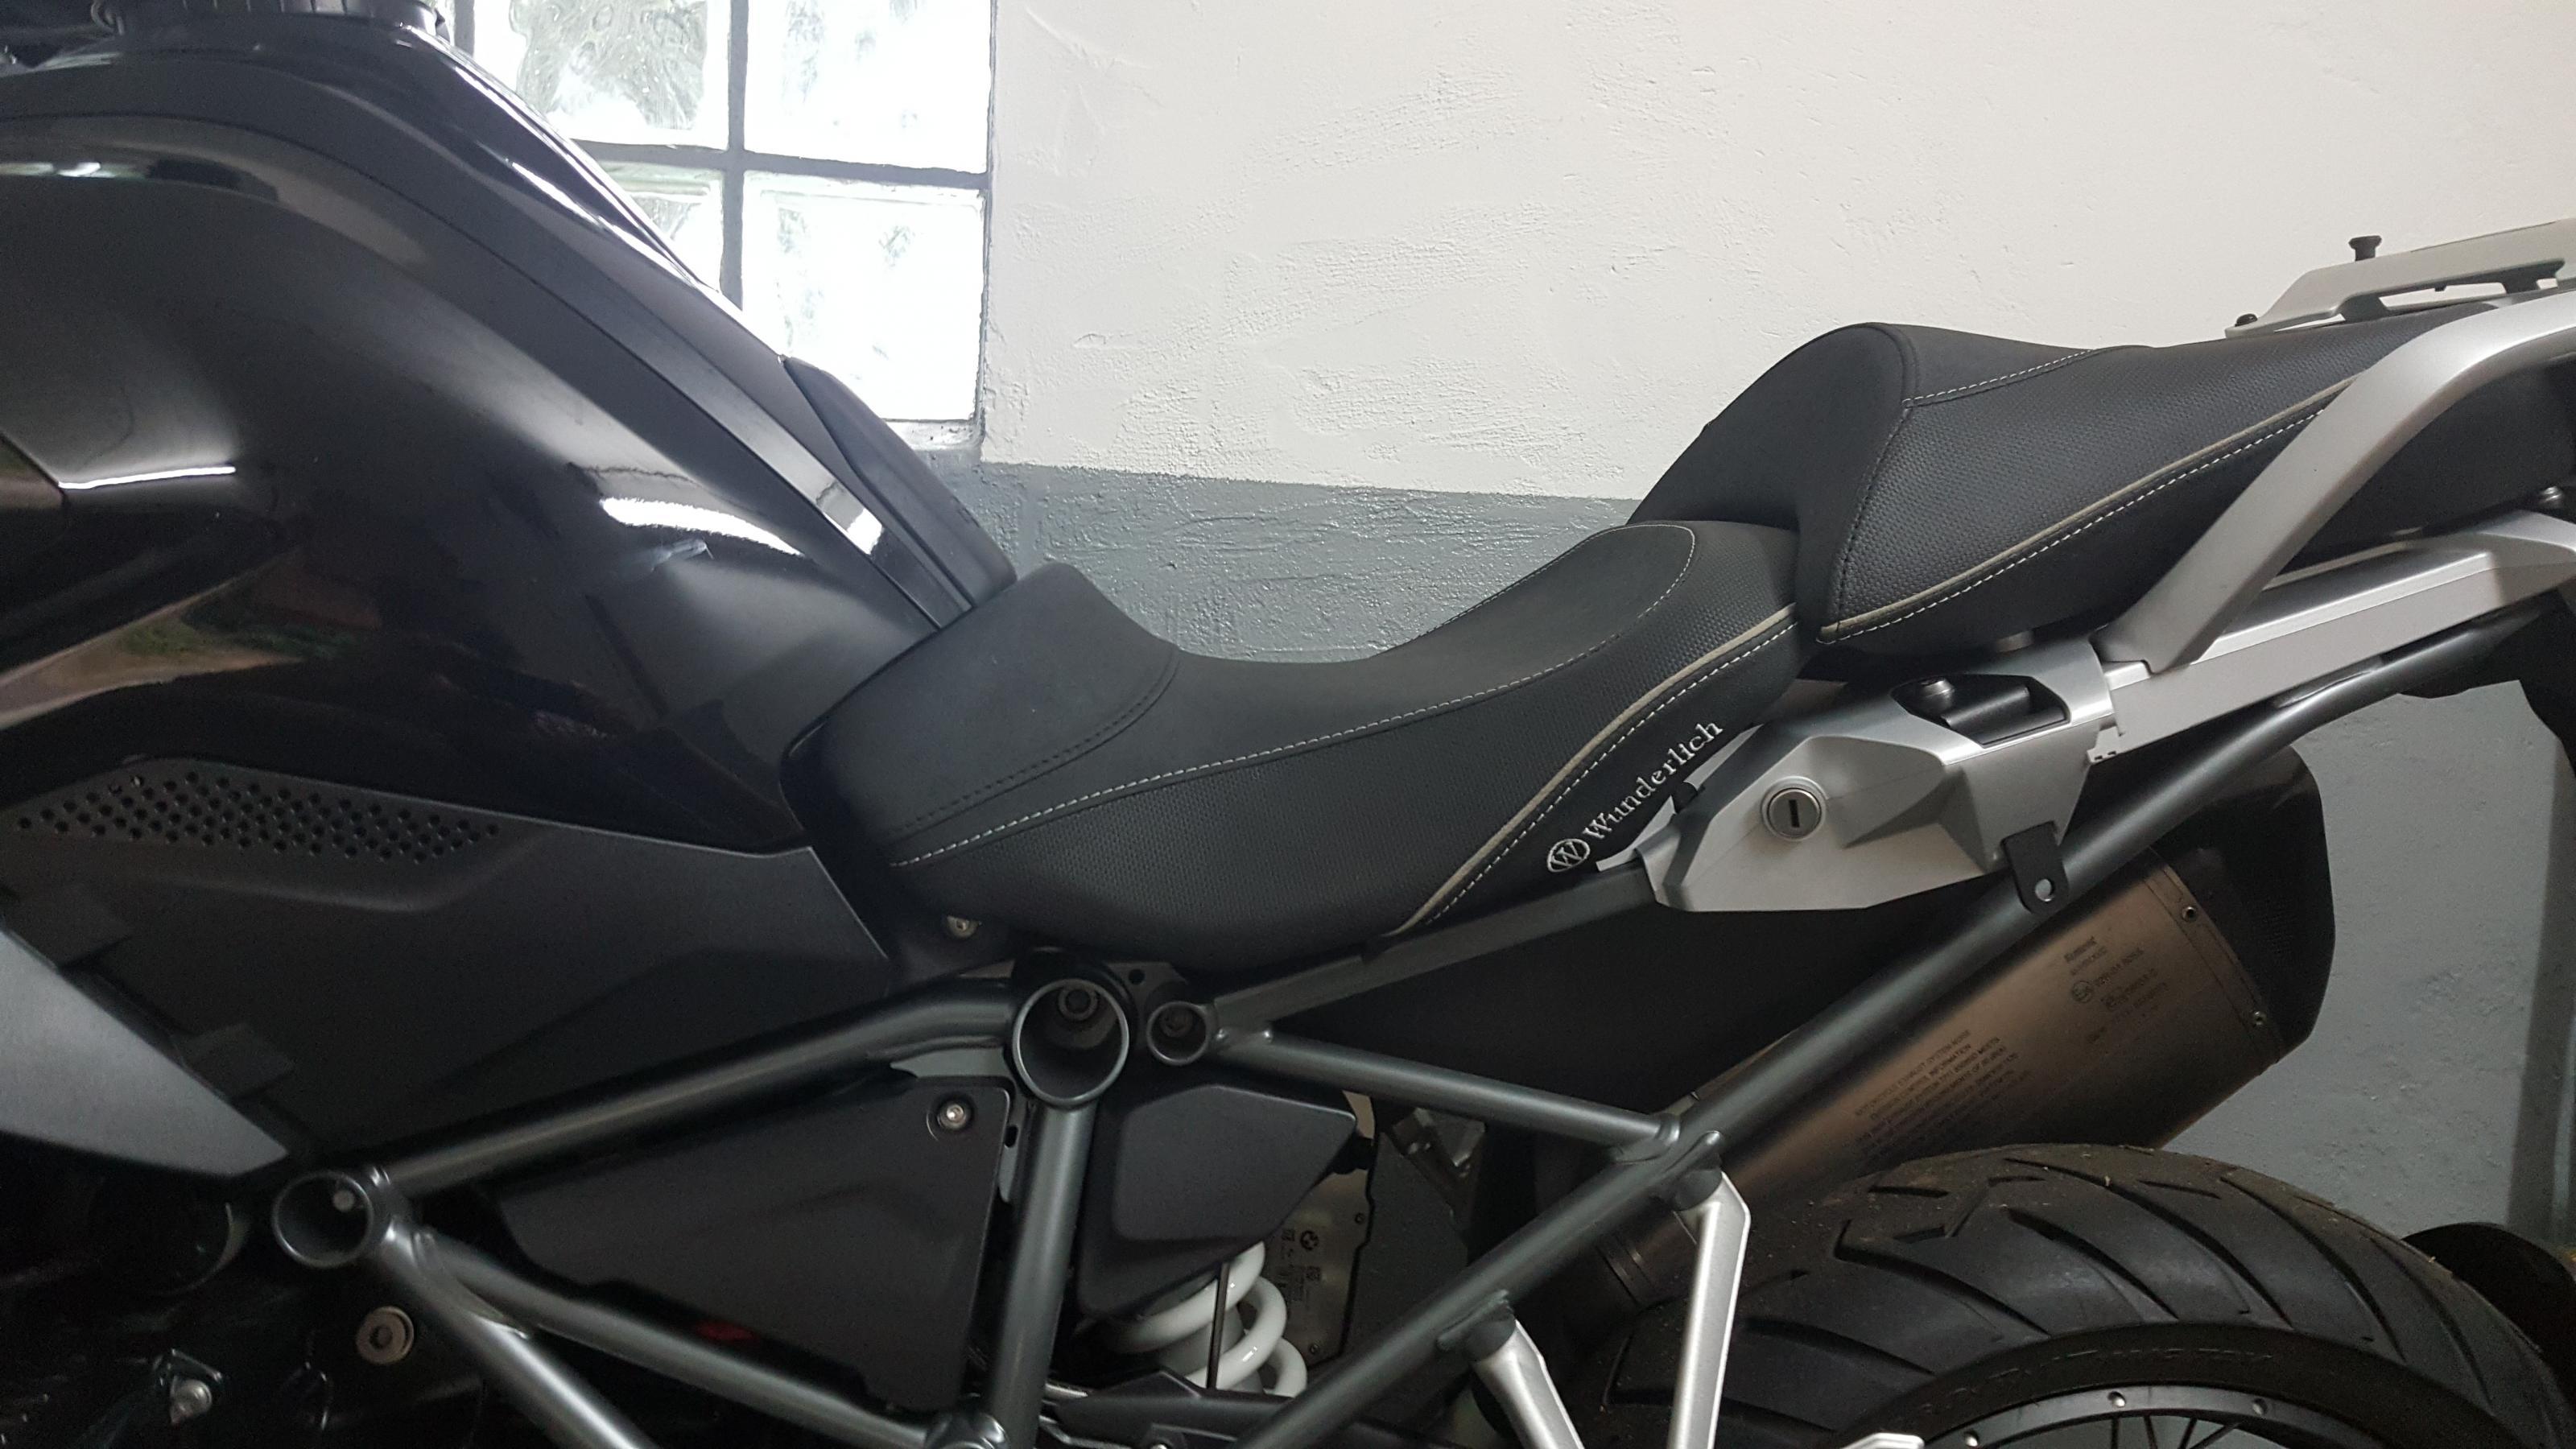 erledigt wunderlich ergo sitzbank fahrer gs 1200 lc. Black Bedroom Furniture Sets. Home Design Ideas